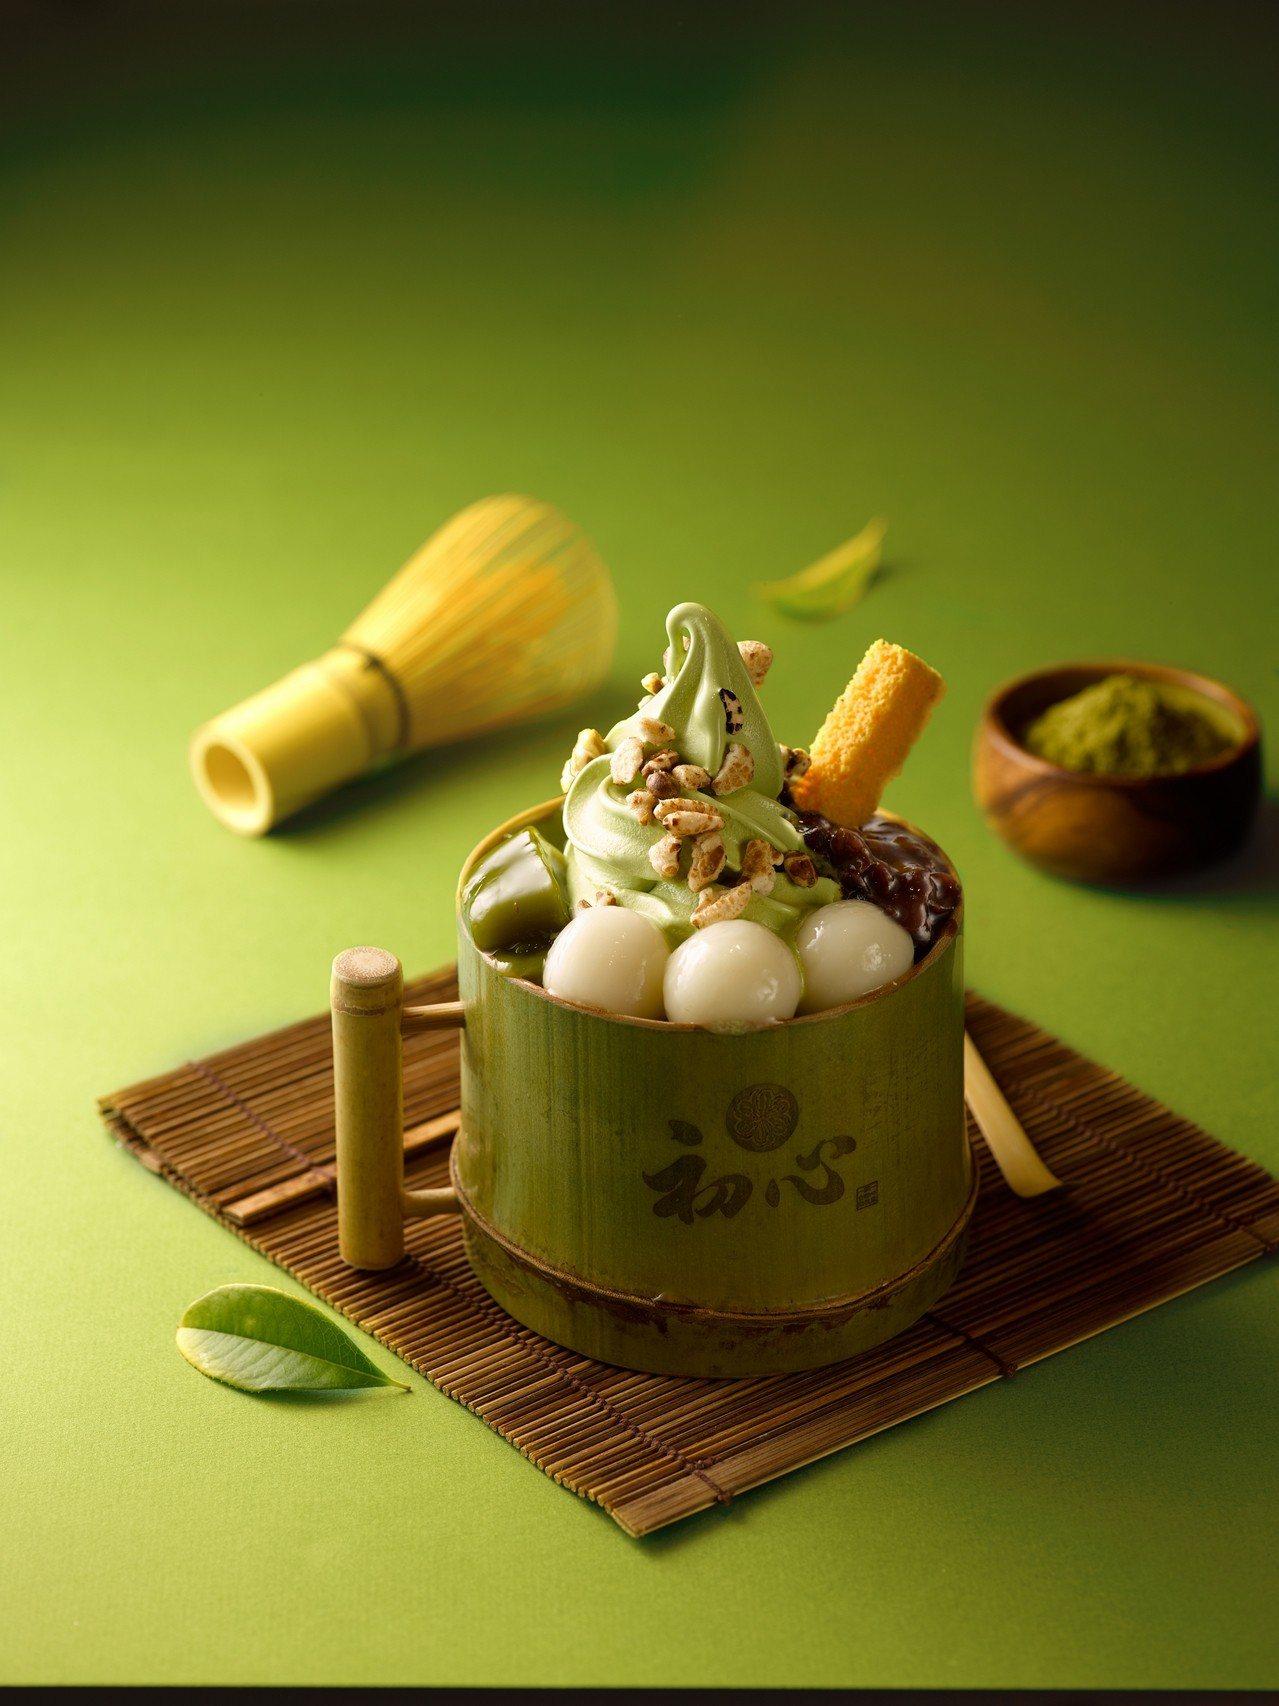 初心菓寮青紅皂白抹茶雙淇淋,280元。圖/微風提供